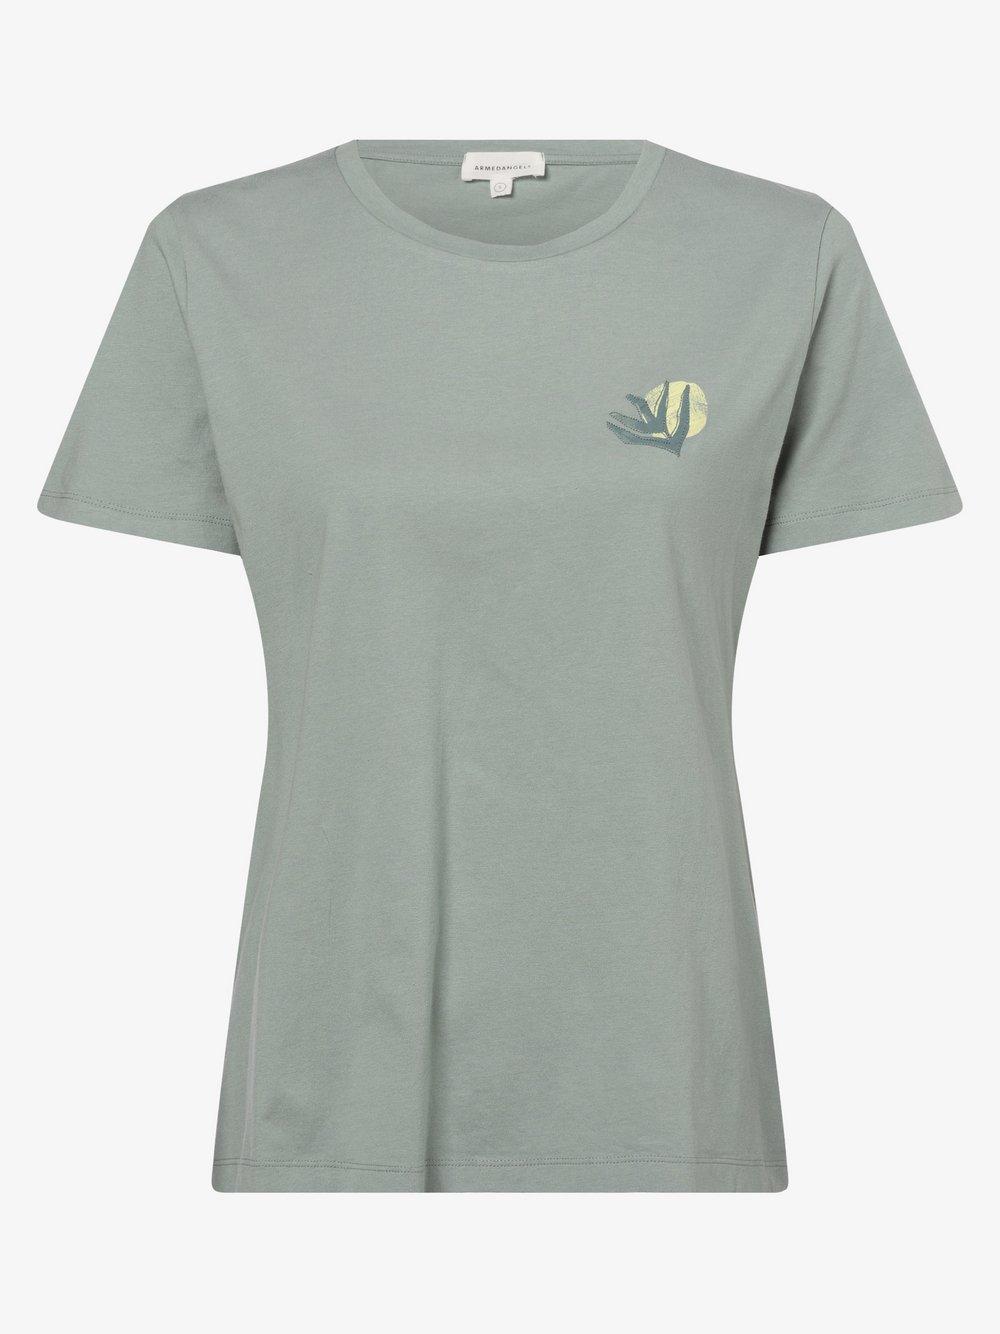 ARMEDANGELS - T-shirt damski – Maraa, zielony